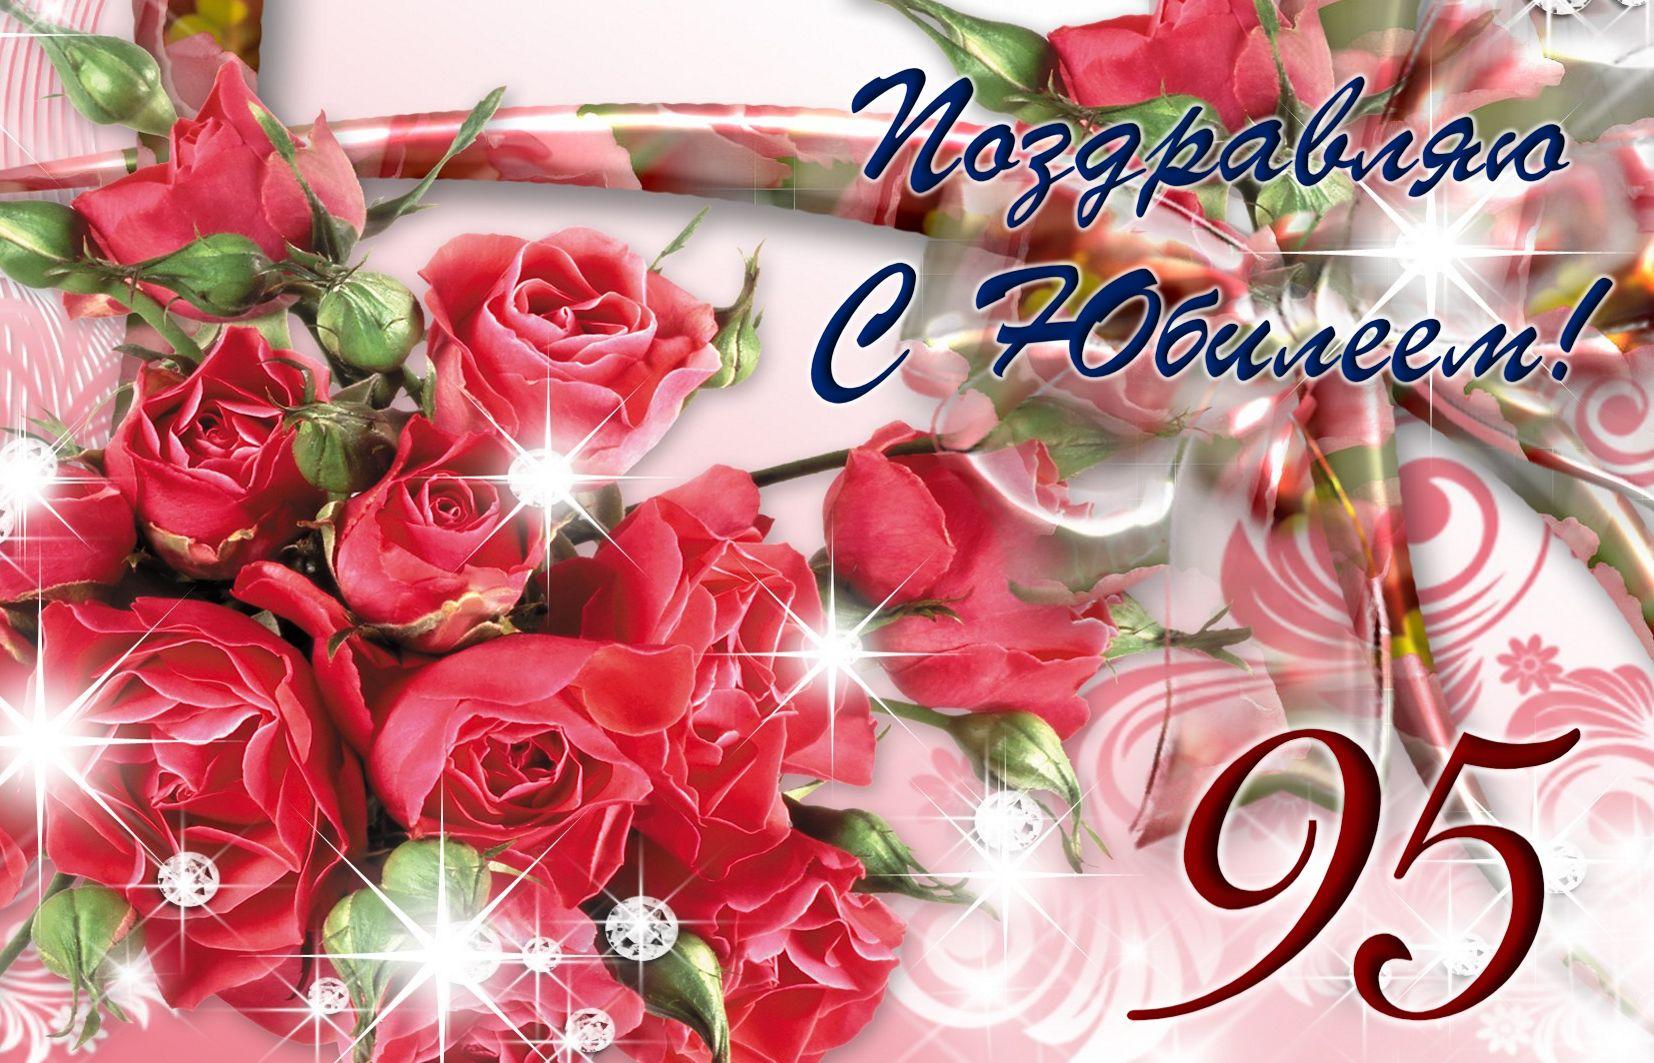 Открытка с блестящими розами на юбилей 95 лет